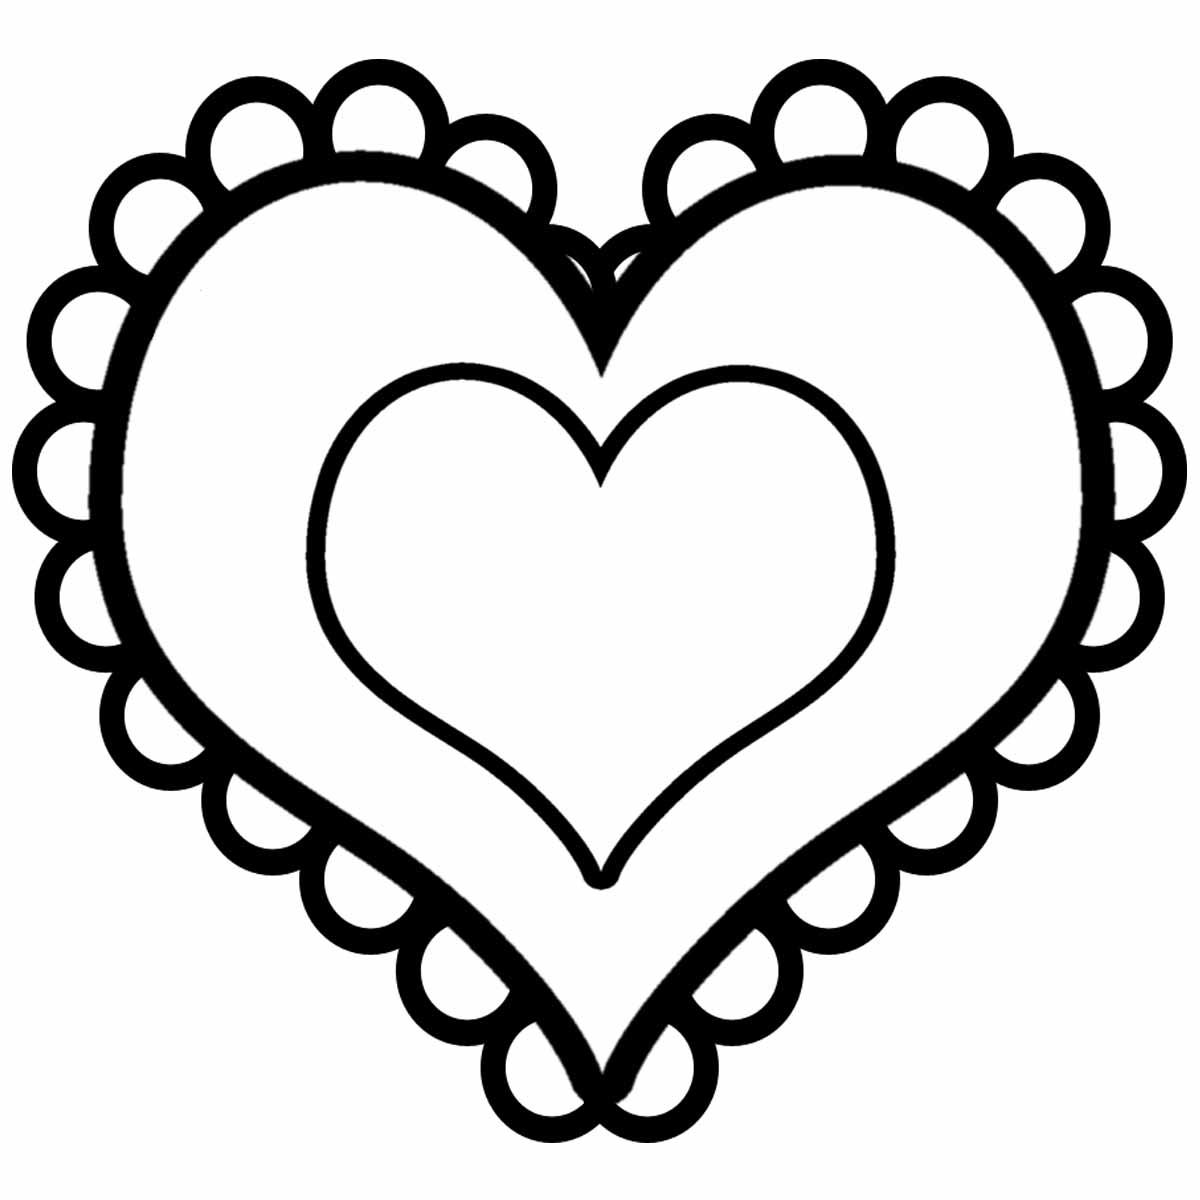 Top những bức tranh tô màu hình trái tim đẹp nhất dành cho các bé